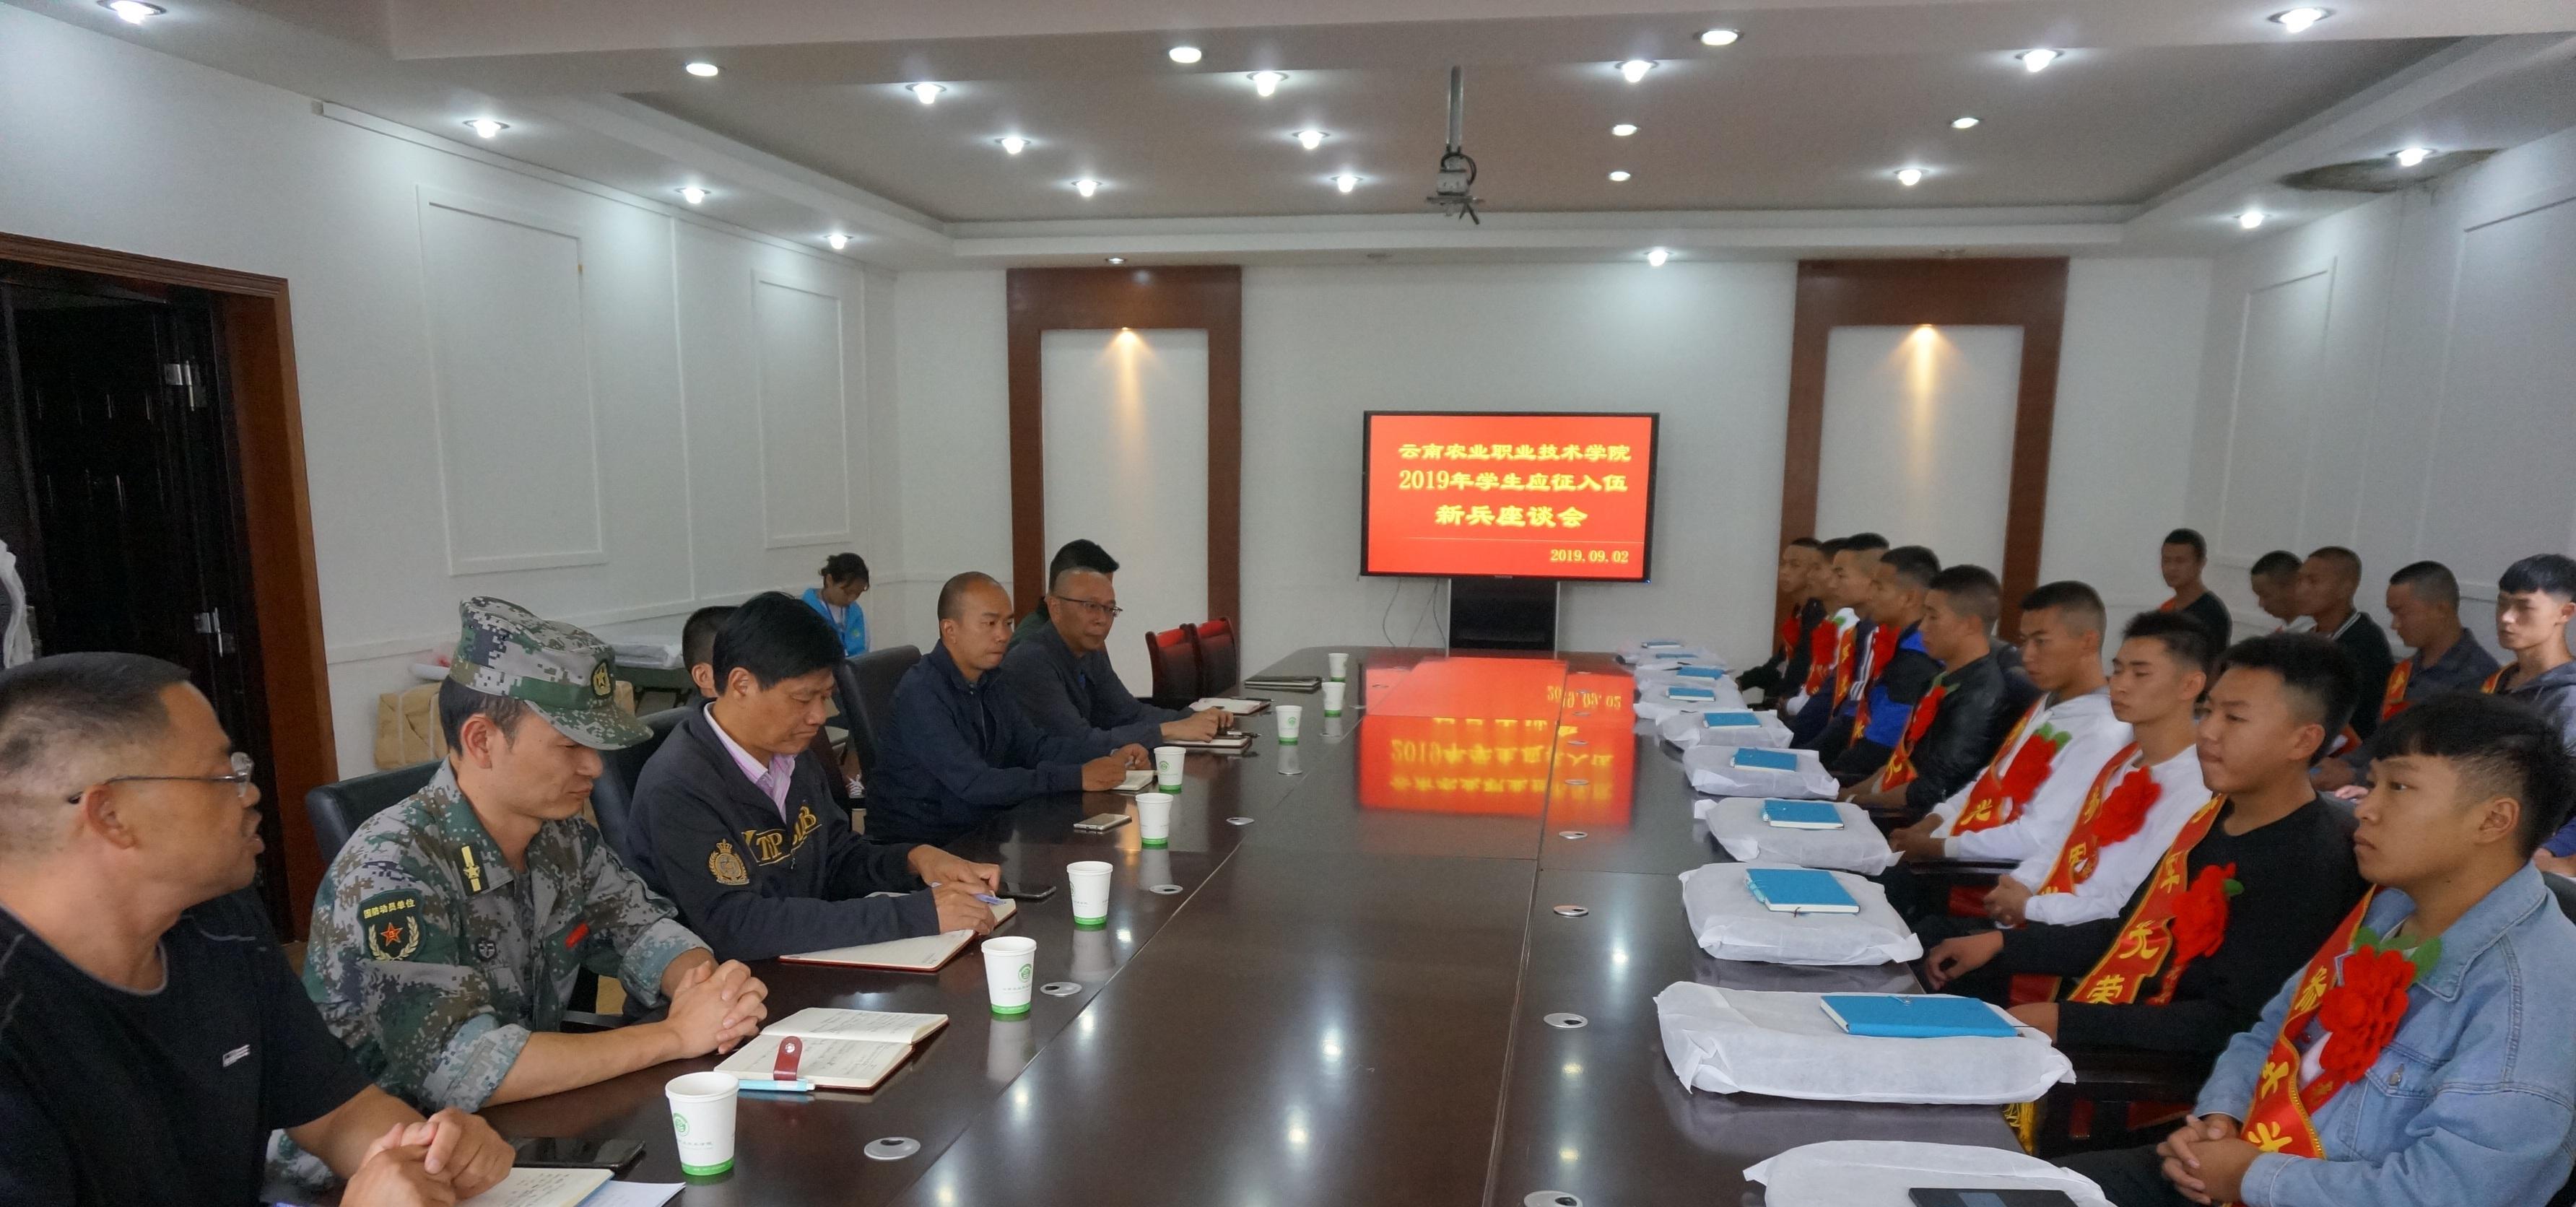 云南农业职业技术学院2019年学生应征入伍 新兵座谈会